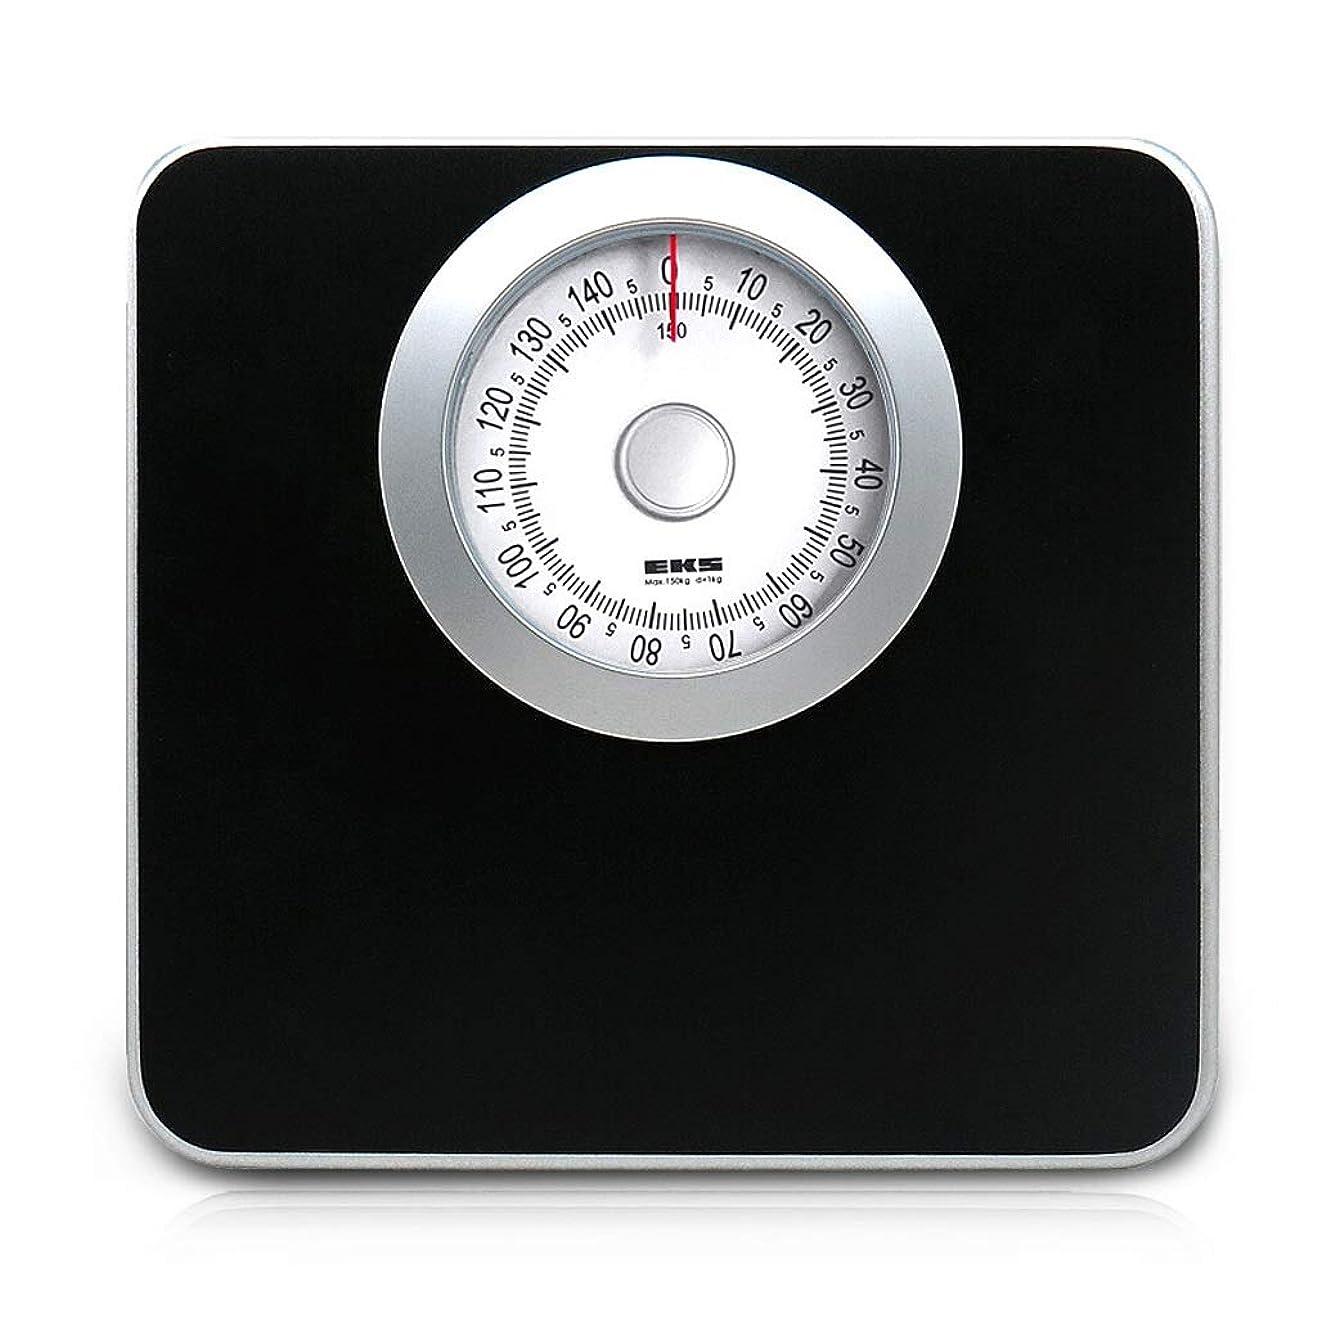 革新フリンジ報いる体重計 - 機械的体重計、ヒューマンヘルススケール、バッテリー不要 (色 : 黒)